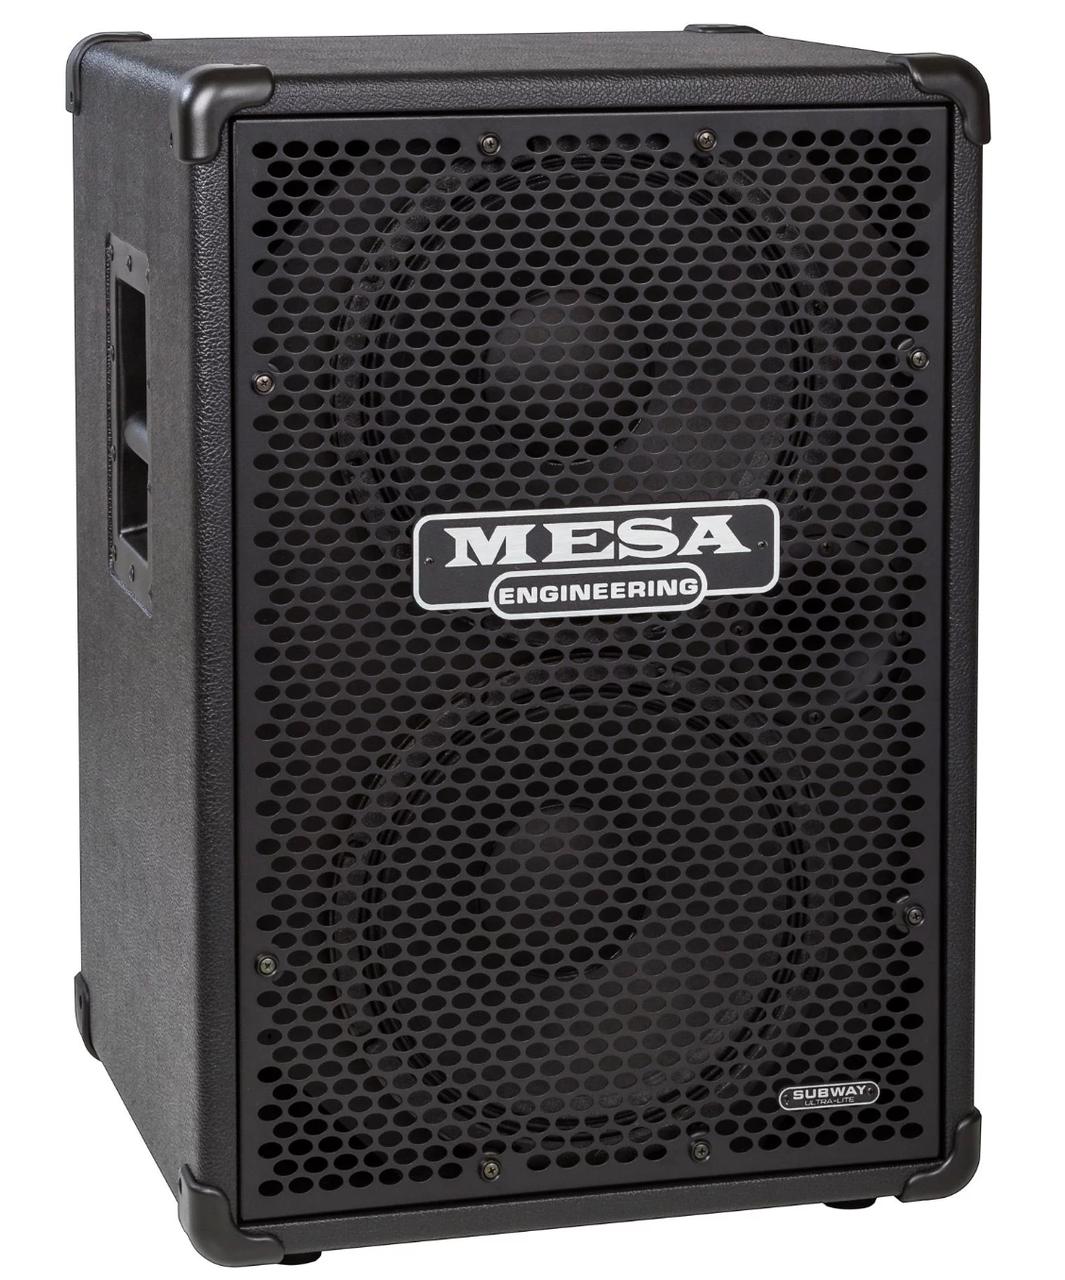 Mesa Bass Cab : mesa boogie subway 2x12 on sale at guitar world australia ~ Russianpoet.info Haus und Dekorationen